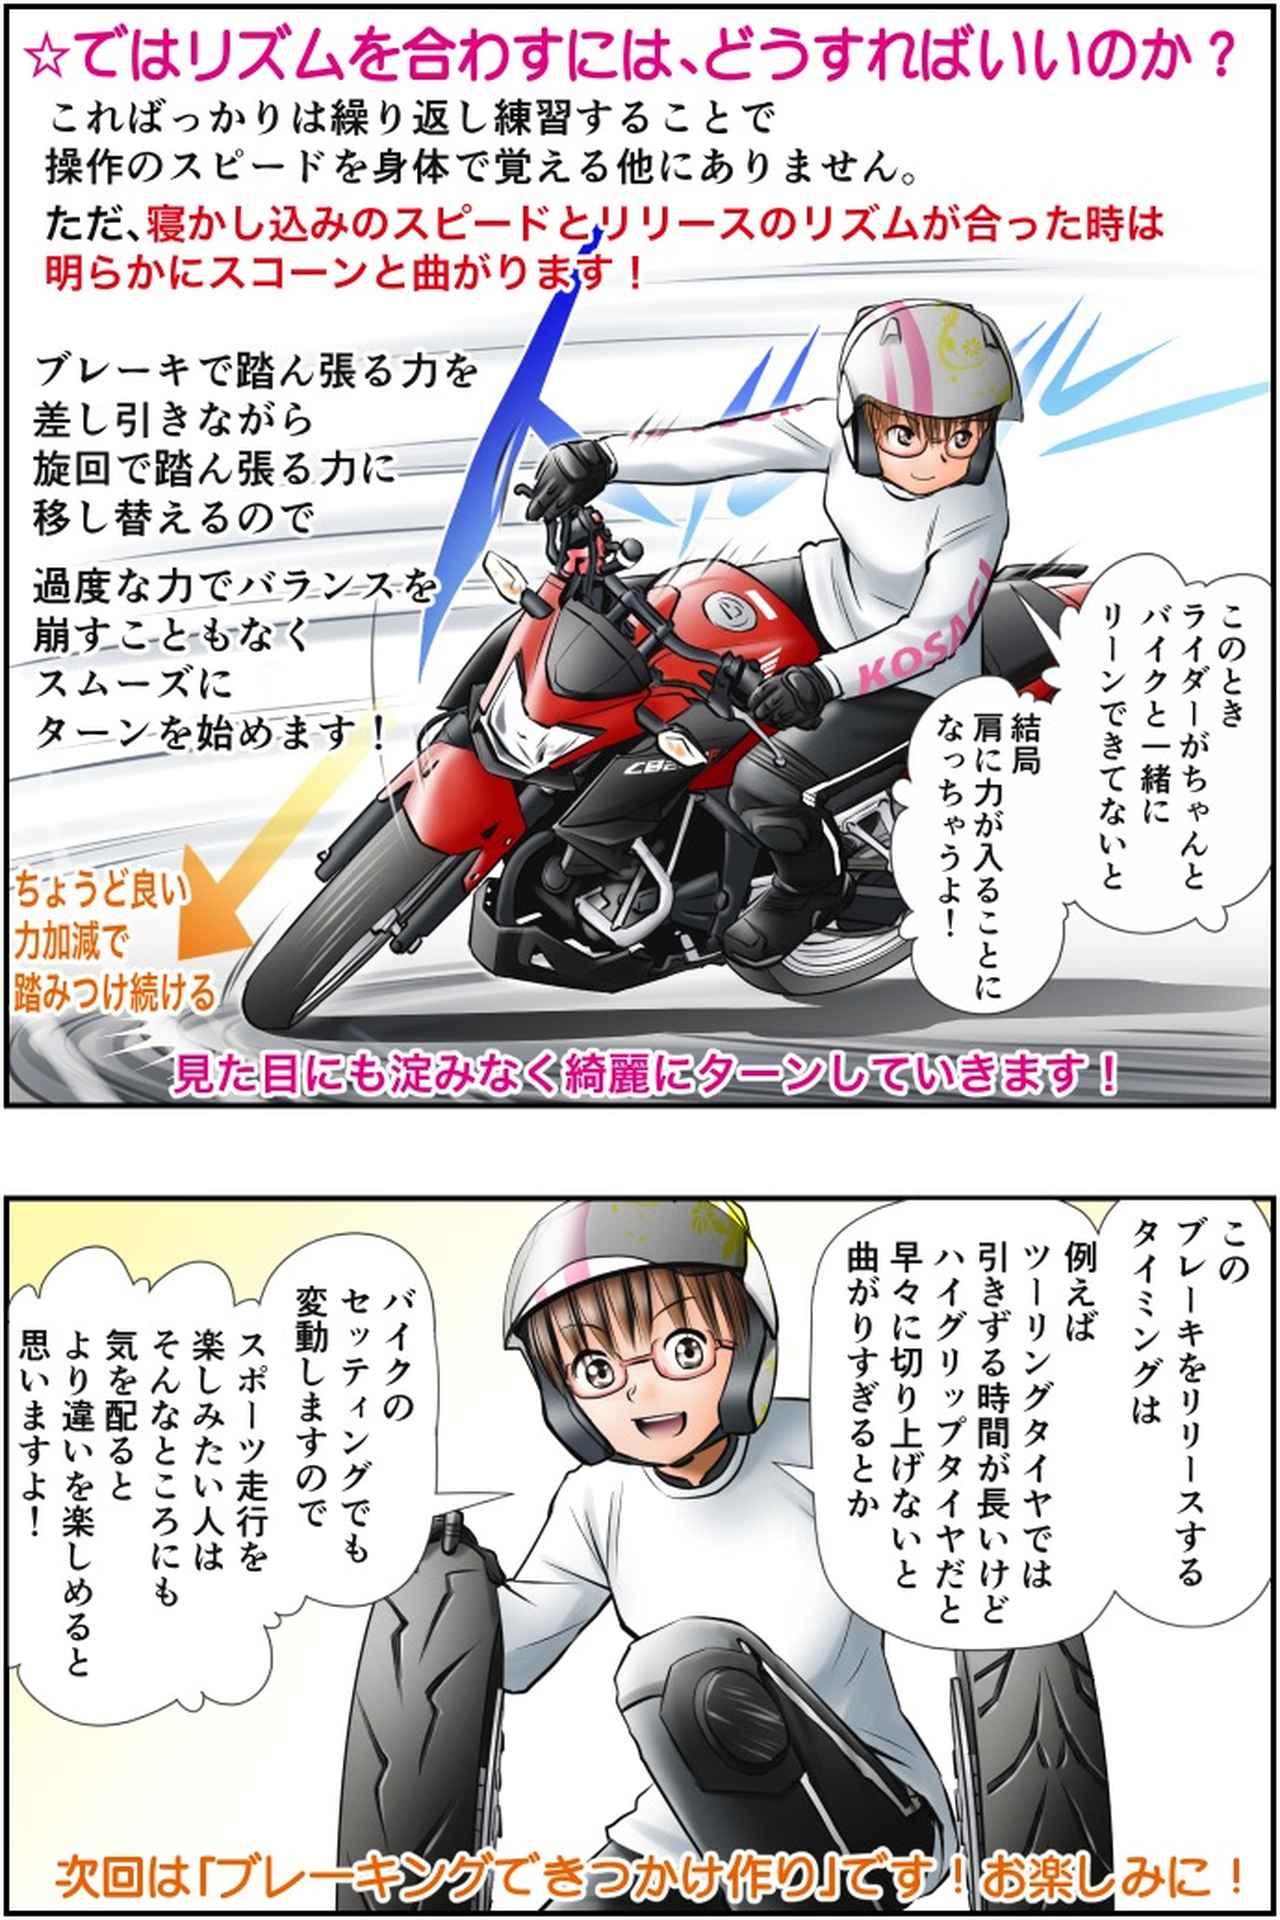 画像4: Motoジム! おまけのコーナー (ブレーキリリースで変わるターンイン!)  作・ばどみゅーみん